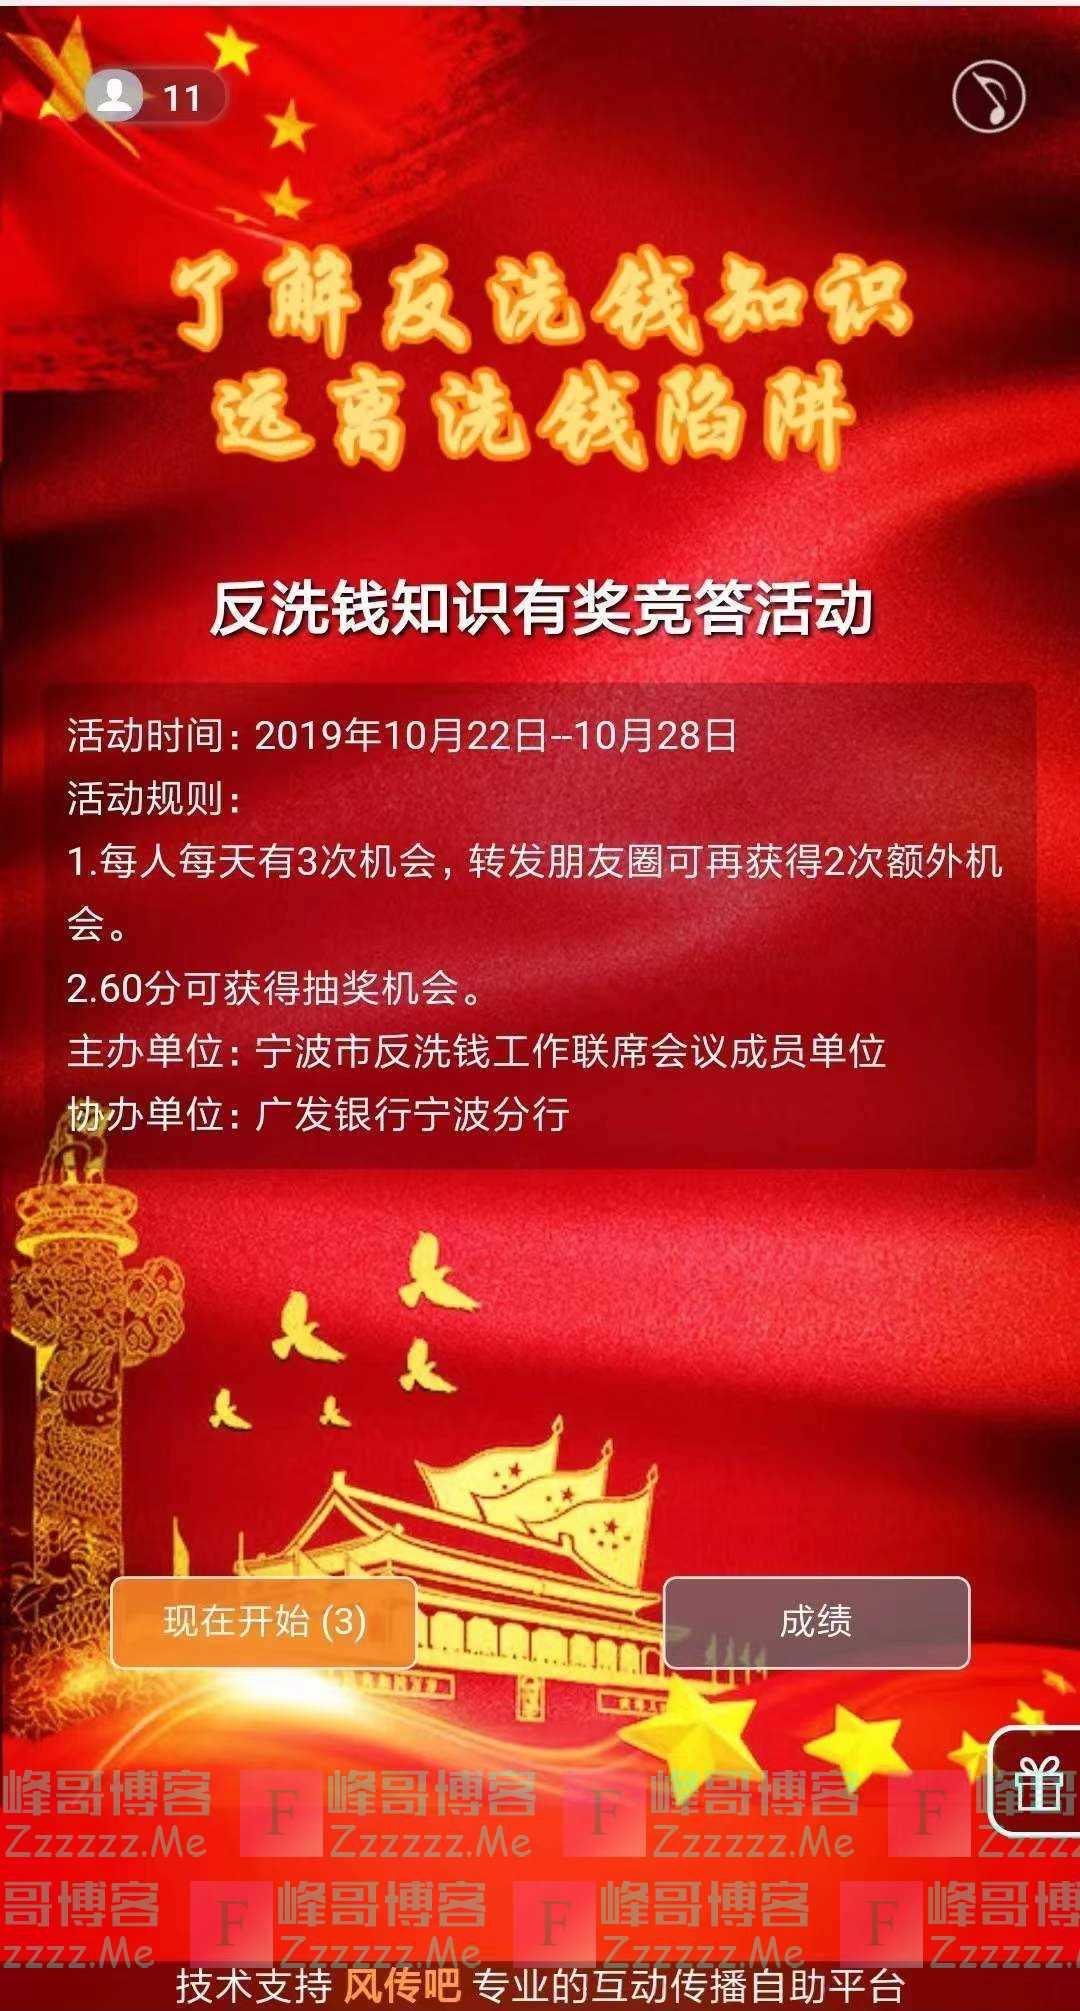 广发银行宁波分行广发银行宁波分行(10月28日截止)